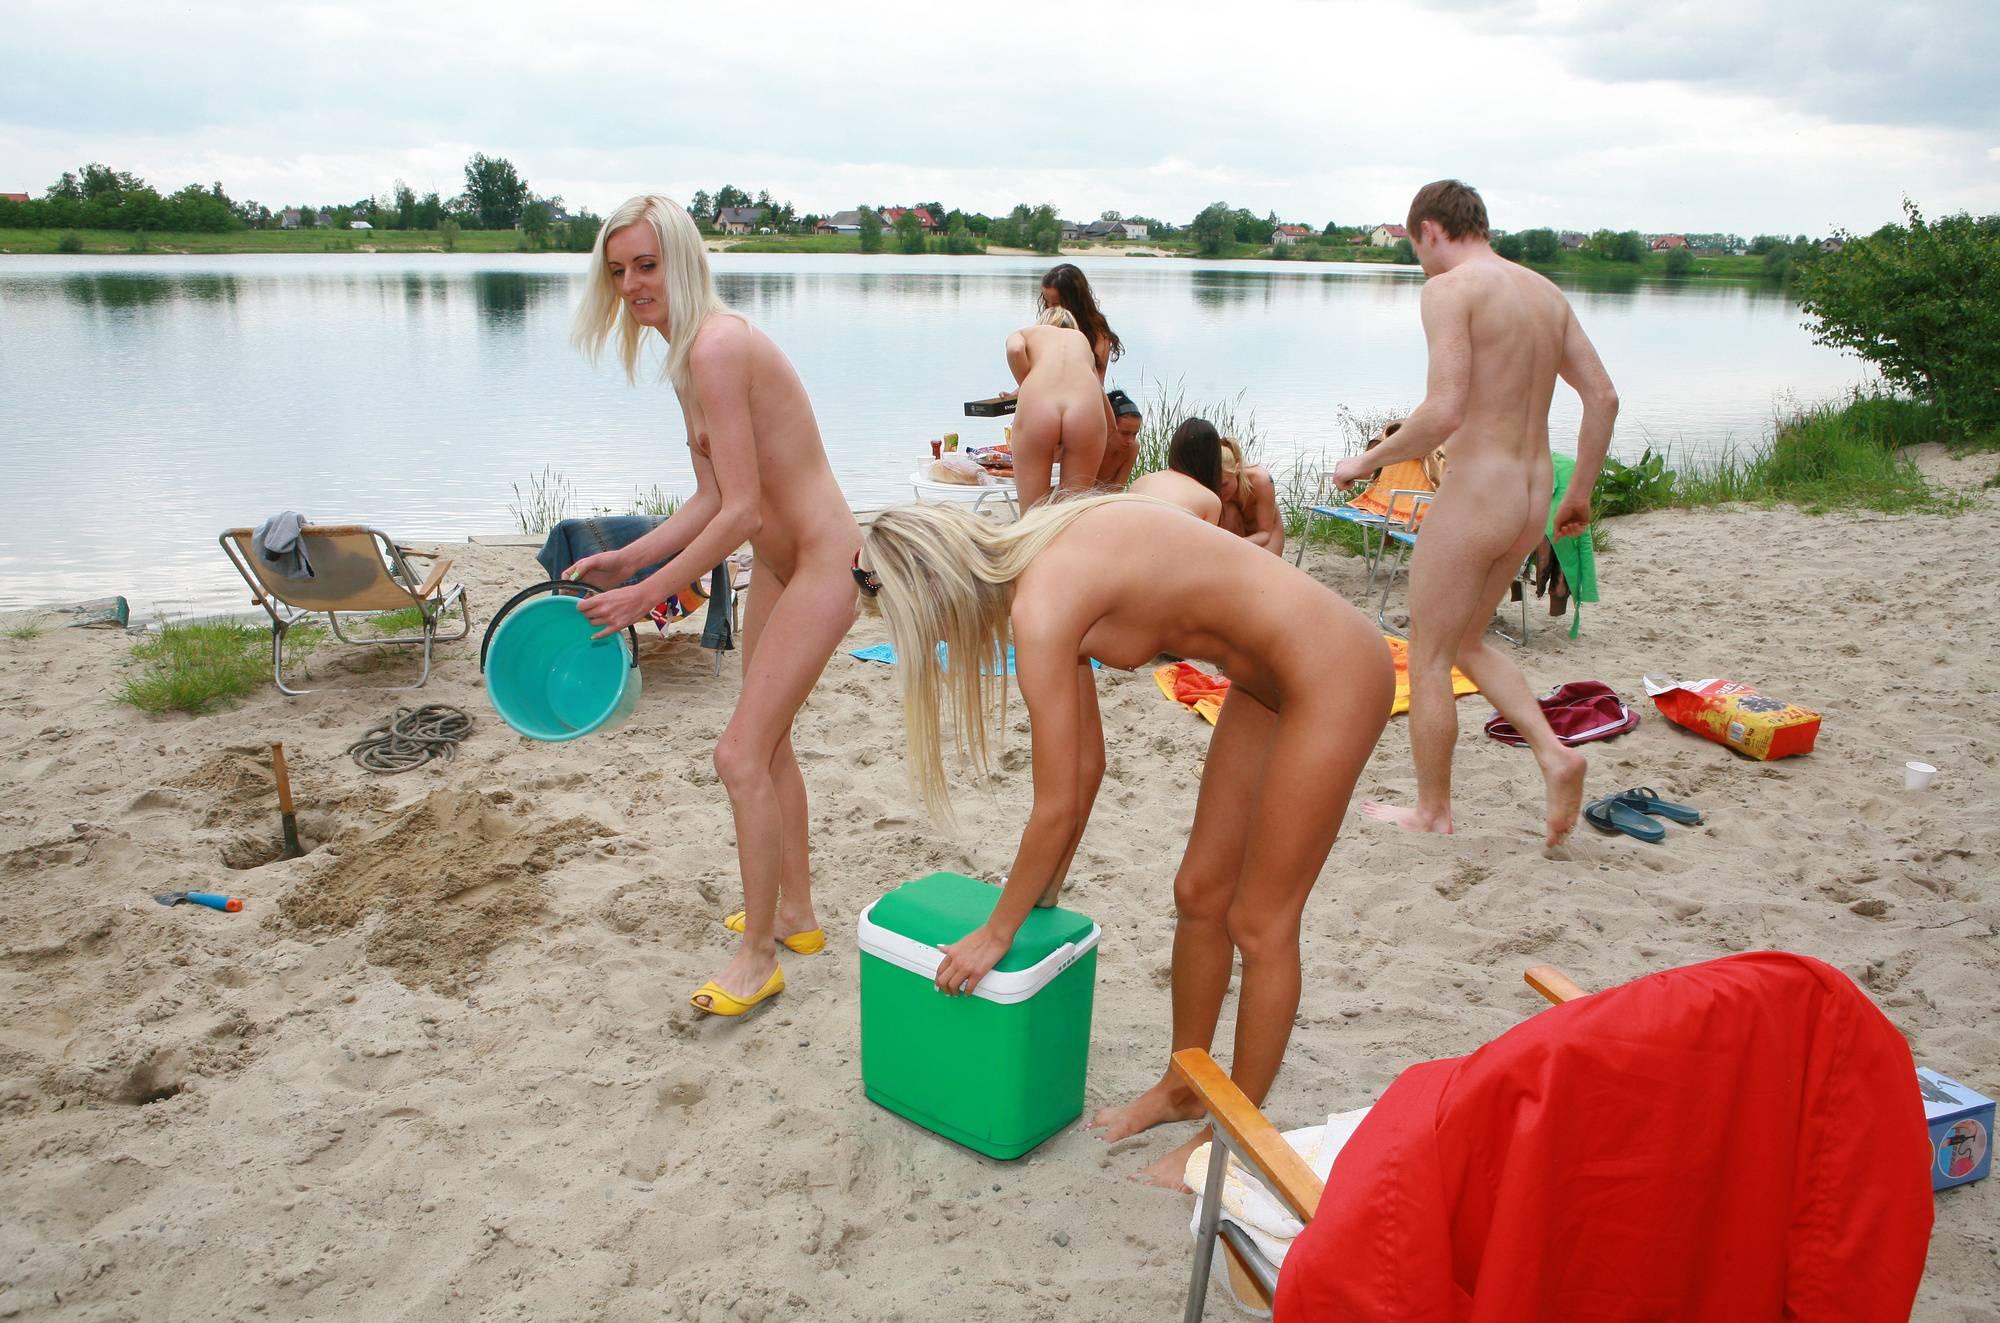 Pure Nudism Pics Lakeside Sand Bank Play - 2